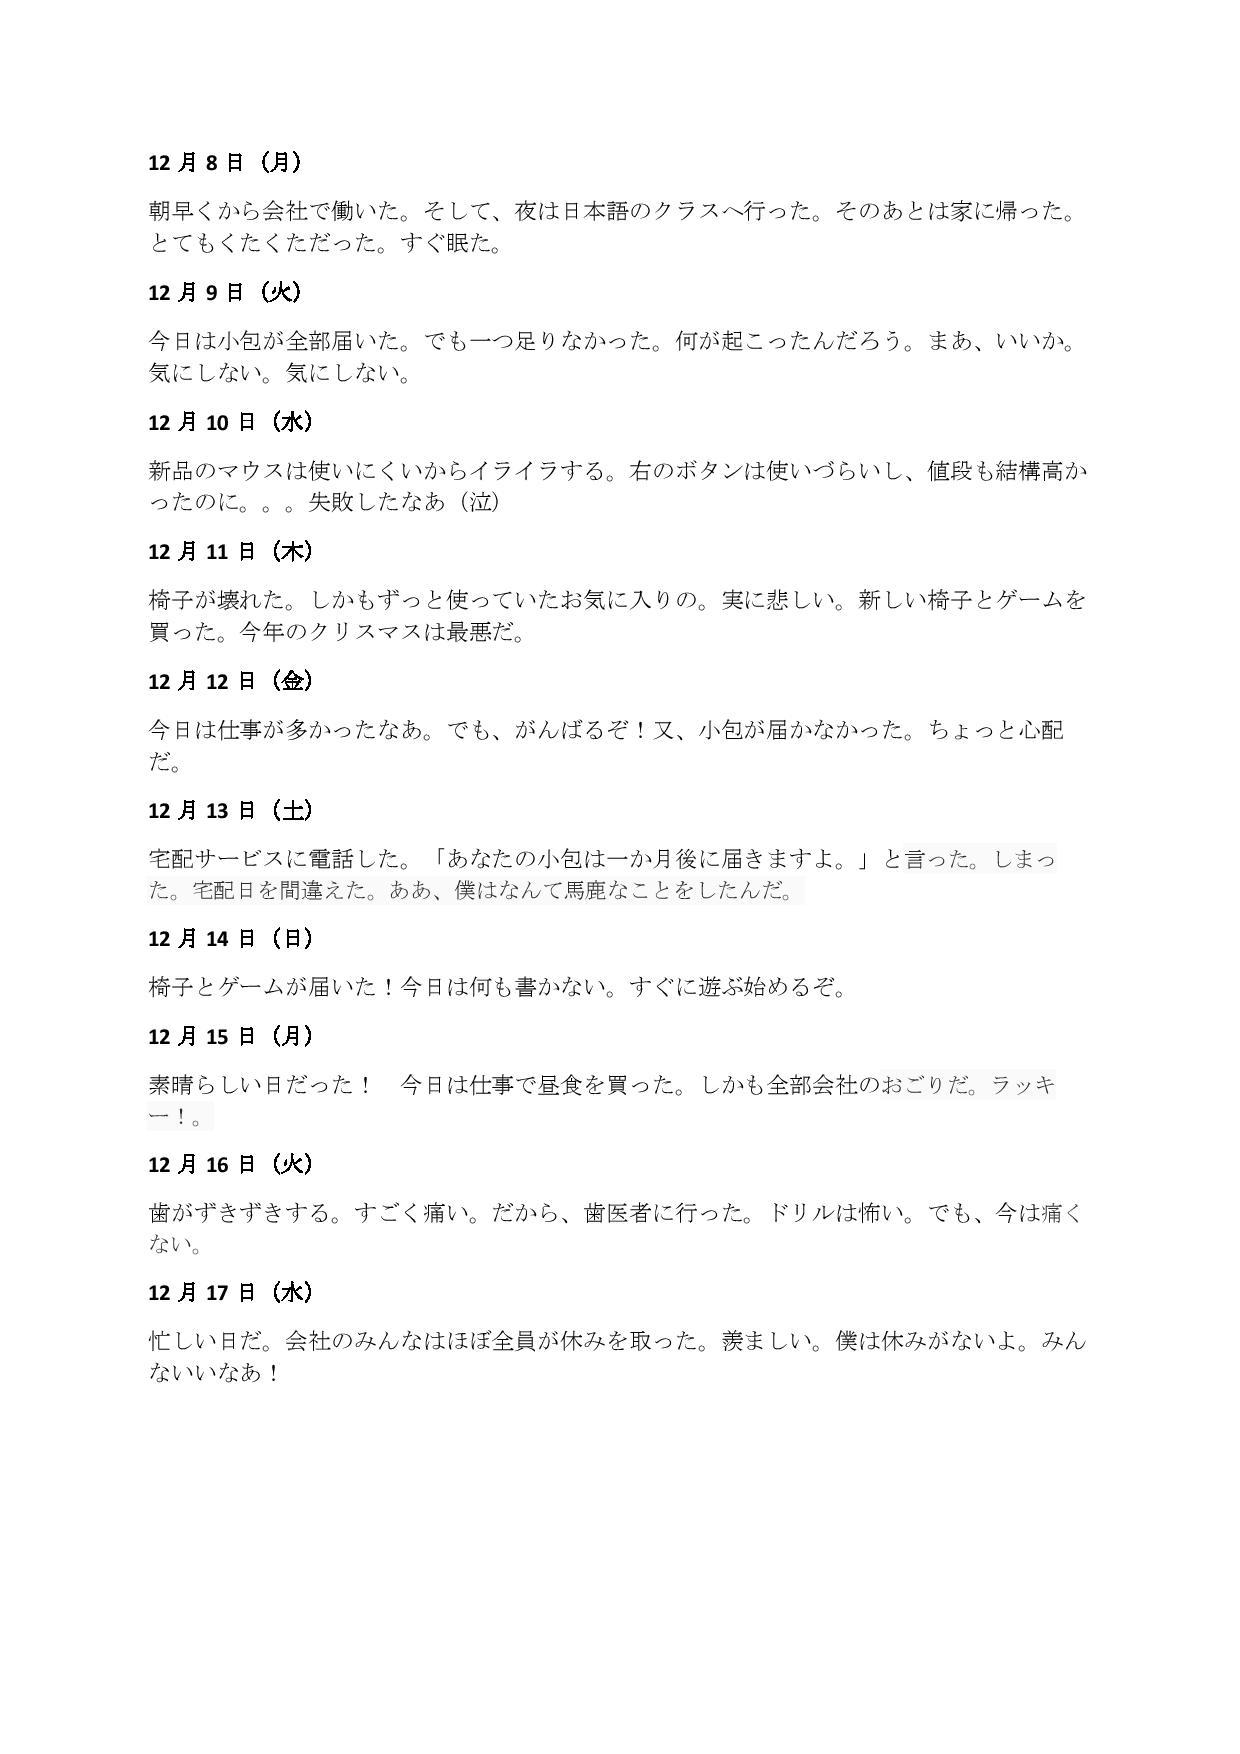 ウカシの日記-opis 2